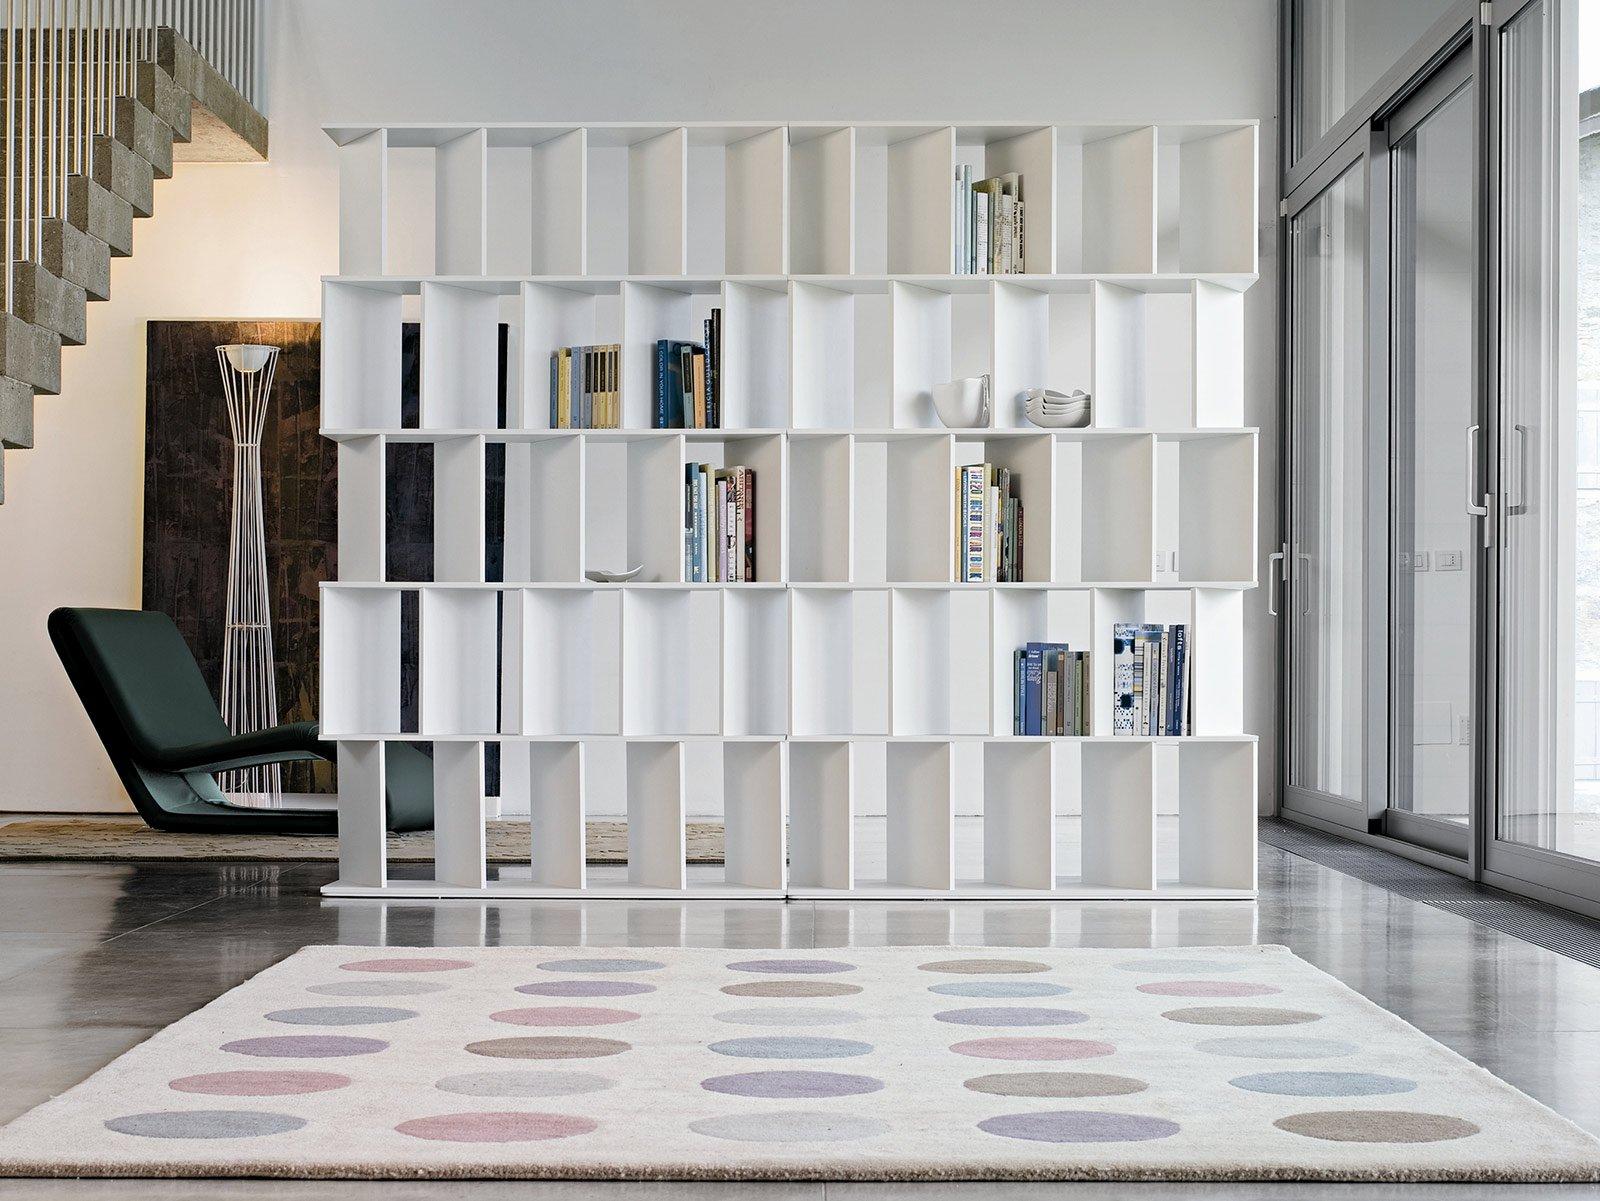 Librerie bifacciali per separare ambienti cose di casa for Divisori ambienti ikea